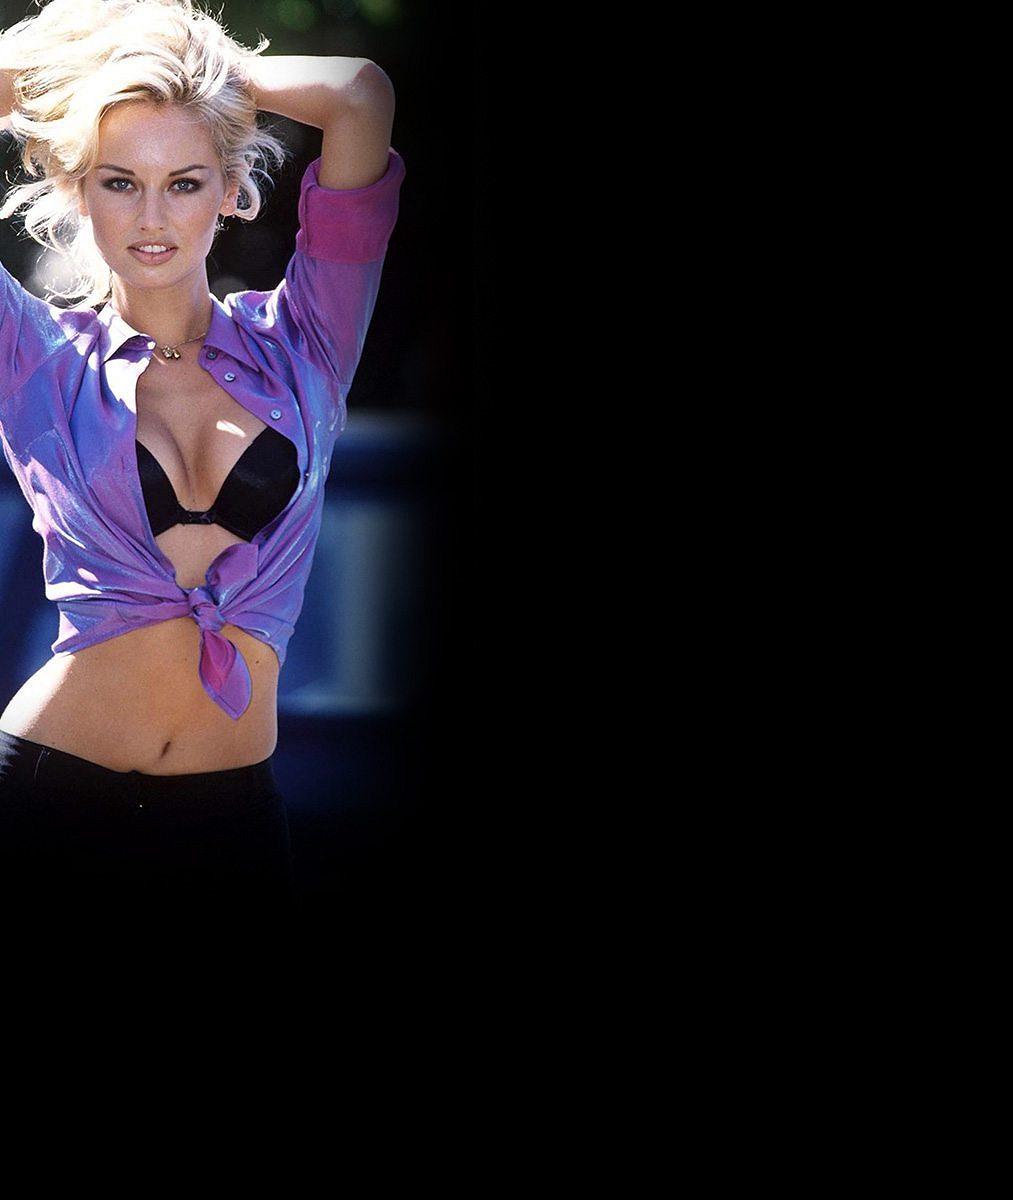 Vzpomínáte na krásku s nejdelšíma nohama v modelingu? Podívejte, jak Adriana Sklenaříková (45) vypadá dnes